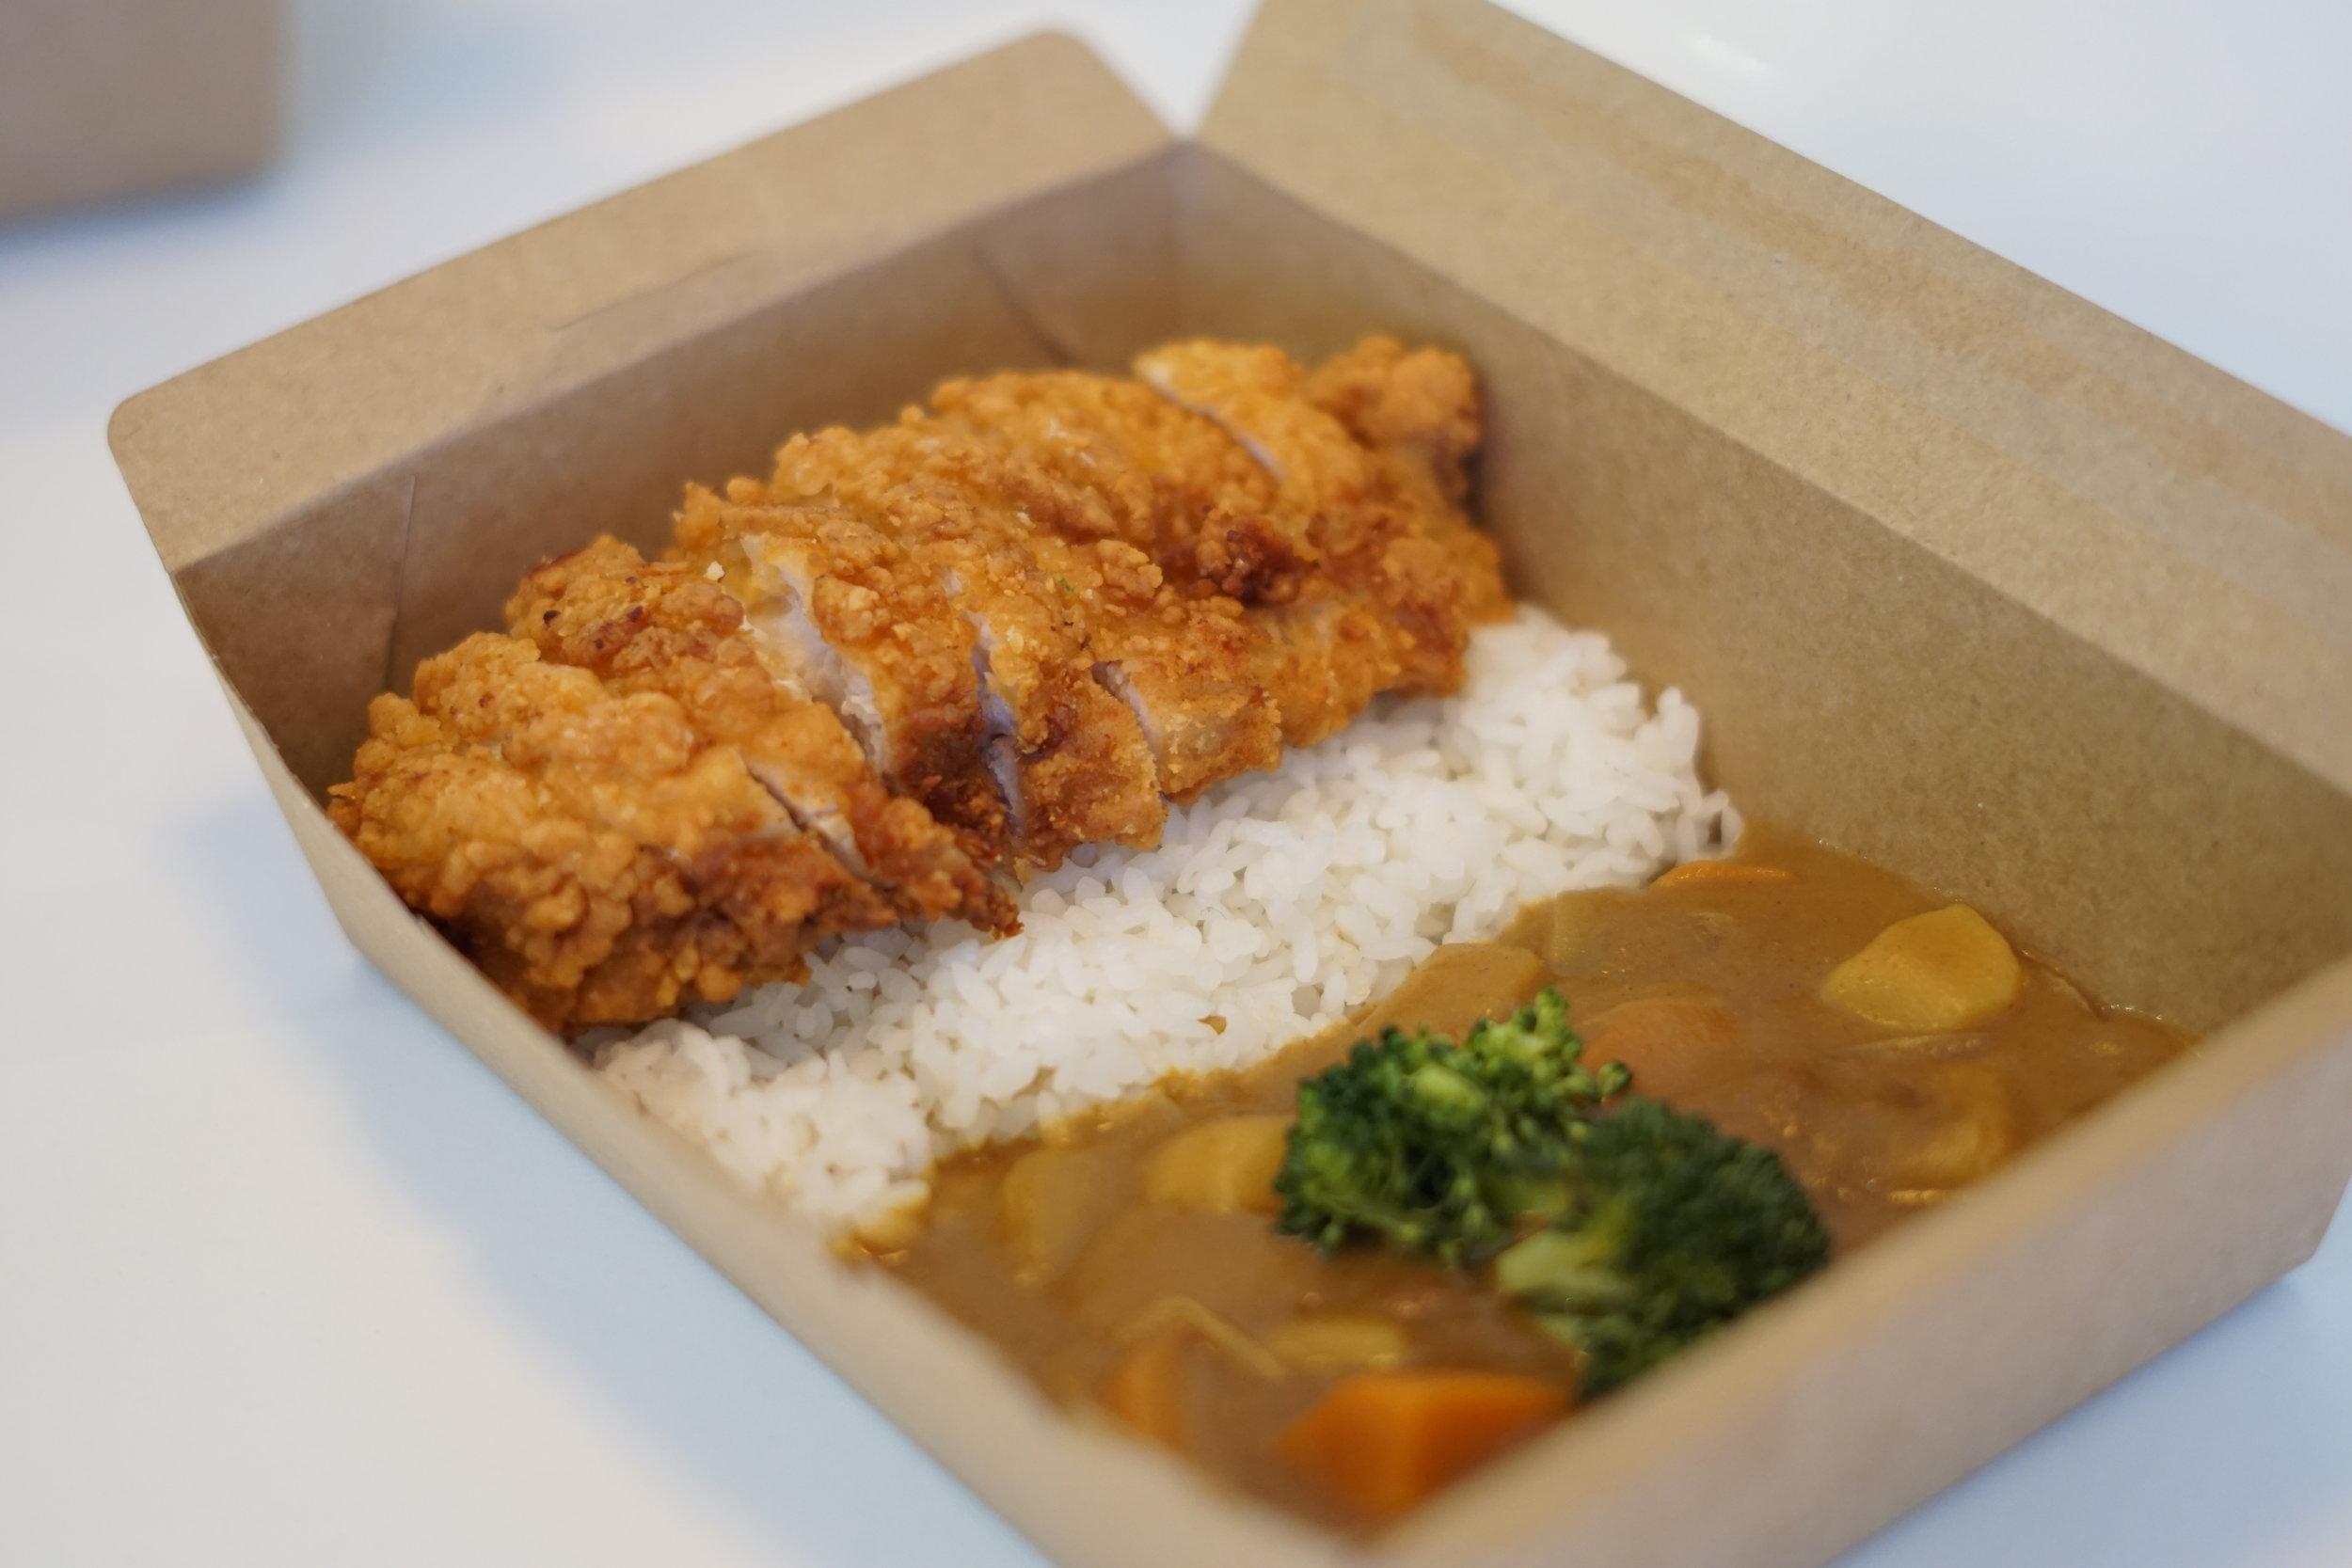 咖喱雞排便當 | Curry Katsu Bento | カレーチキン弁と